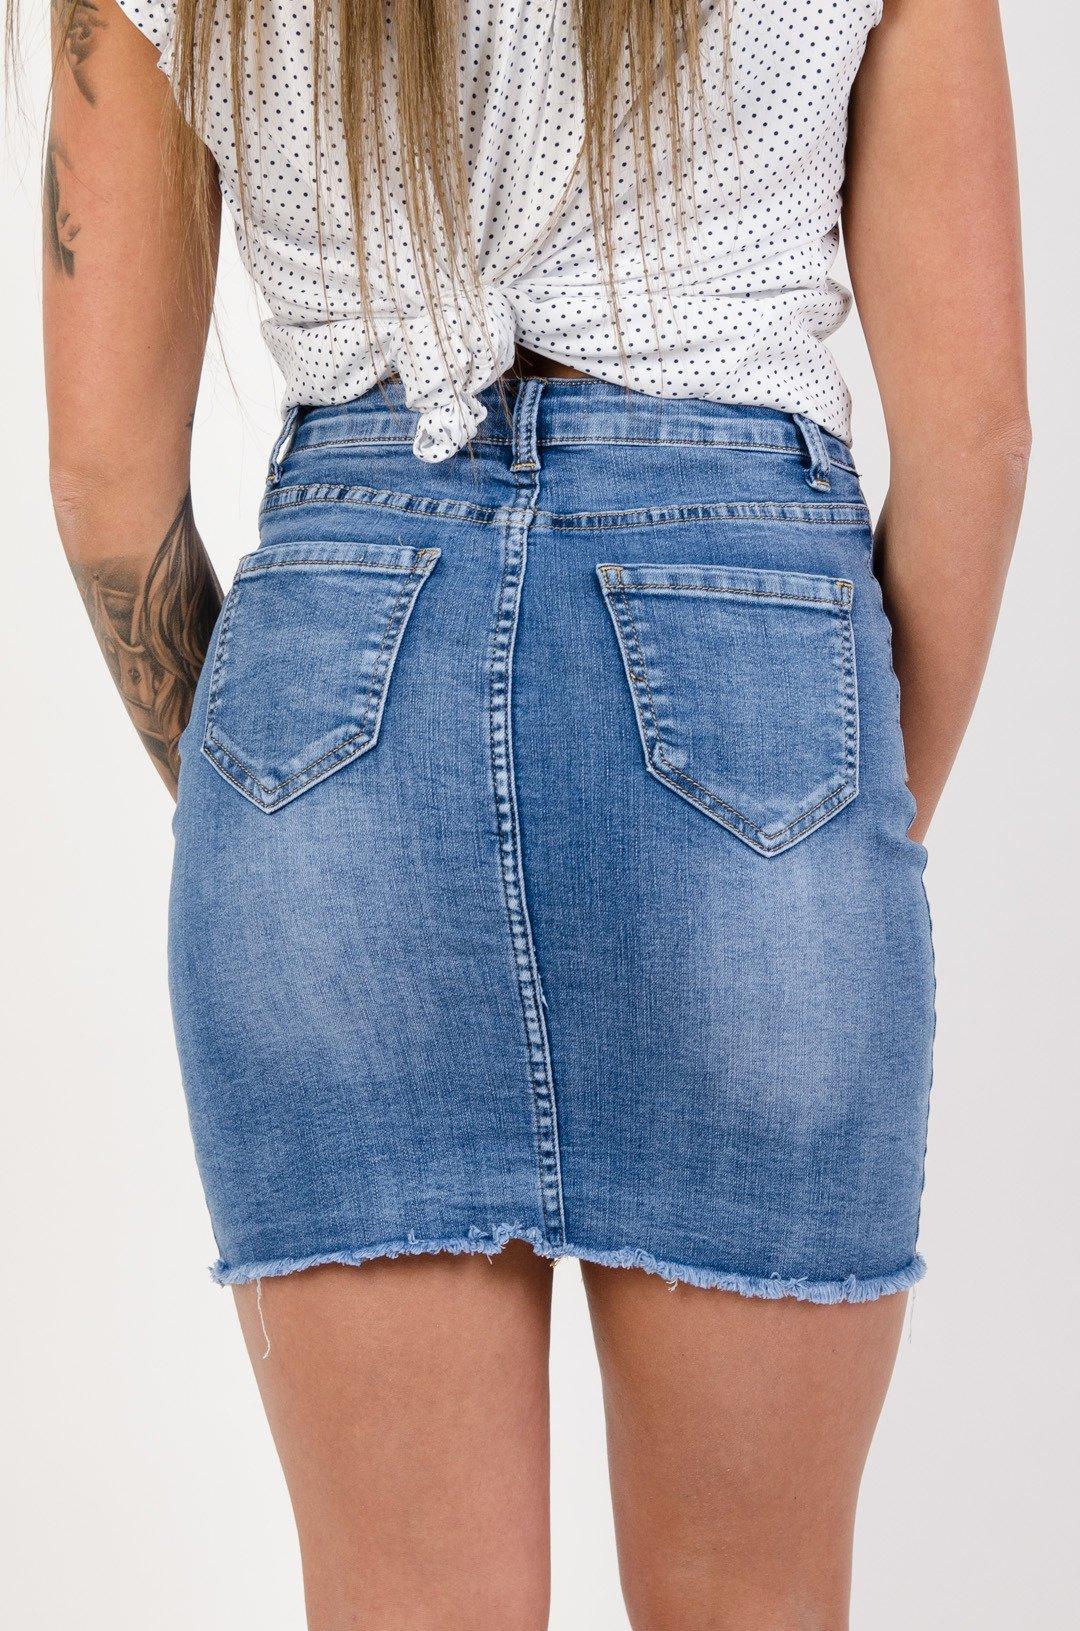 d975509d Niebieska spódnica jeansowa z guzikami na przodzie